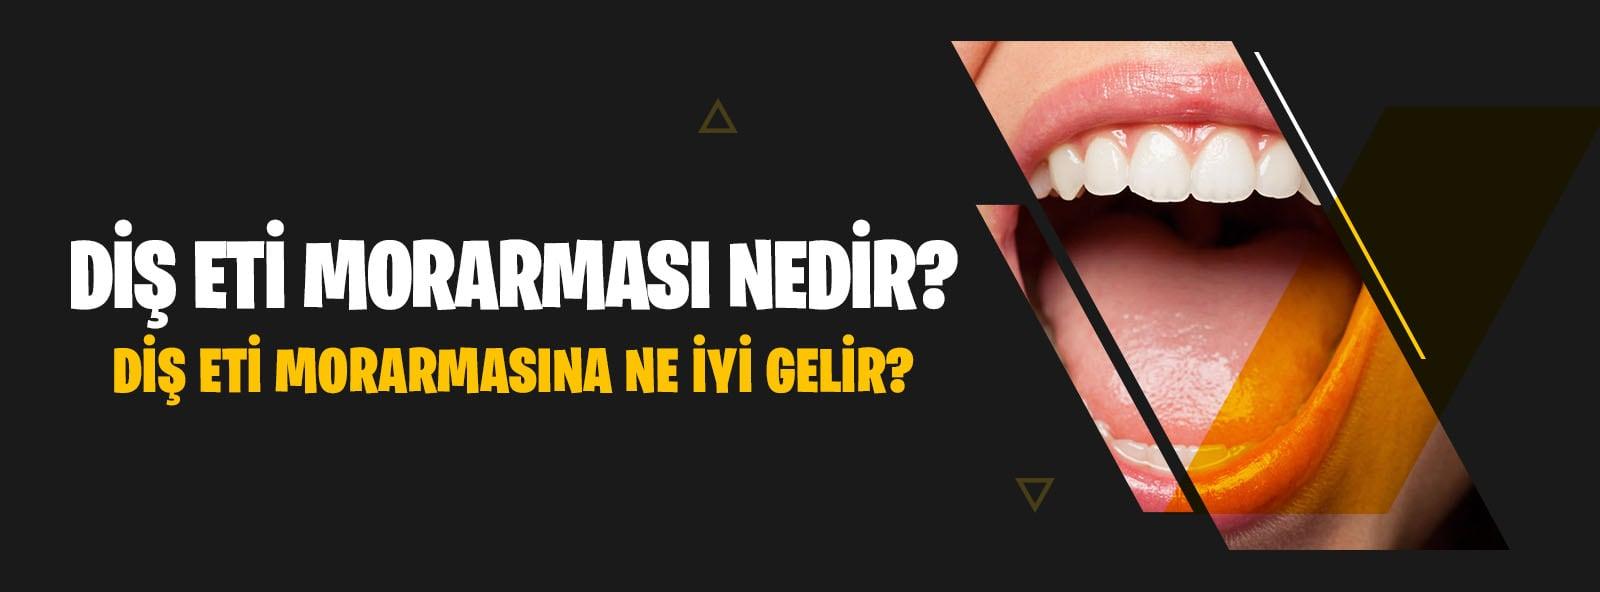 Diş Eti Morarması Nedir?